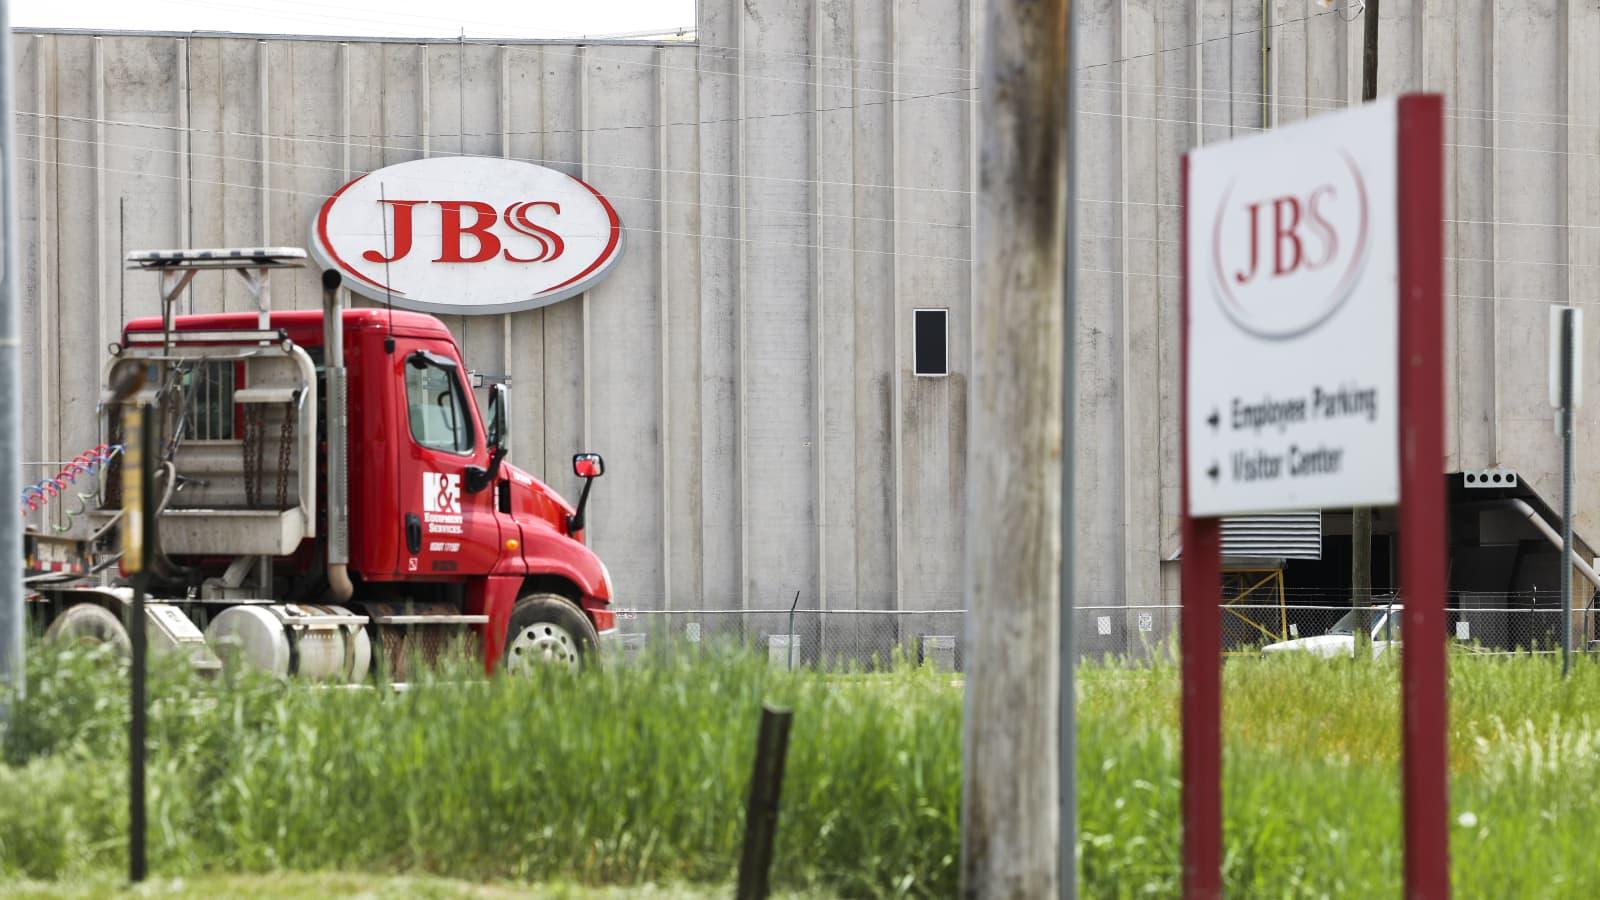 Compania JBS, atacată de hackeri săptămâna trecută, a plătit răscumpărare 11 milioane de dolari în Bitcoin